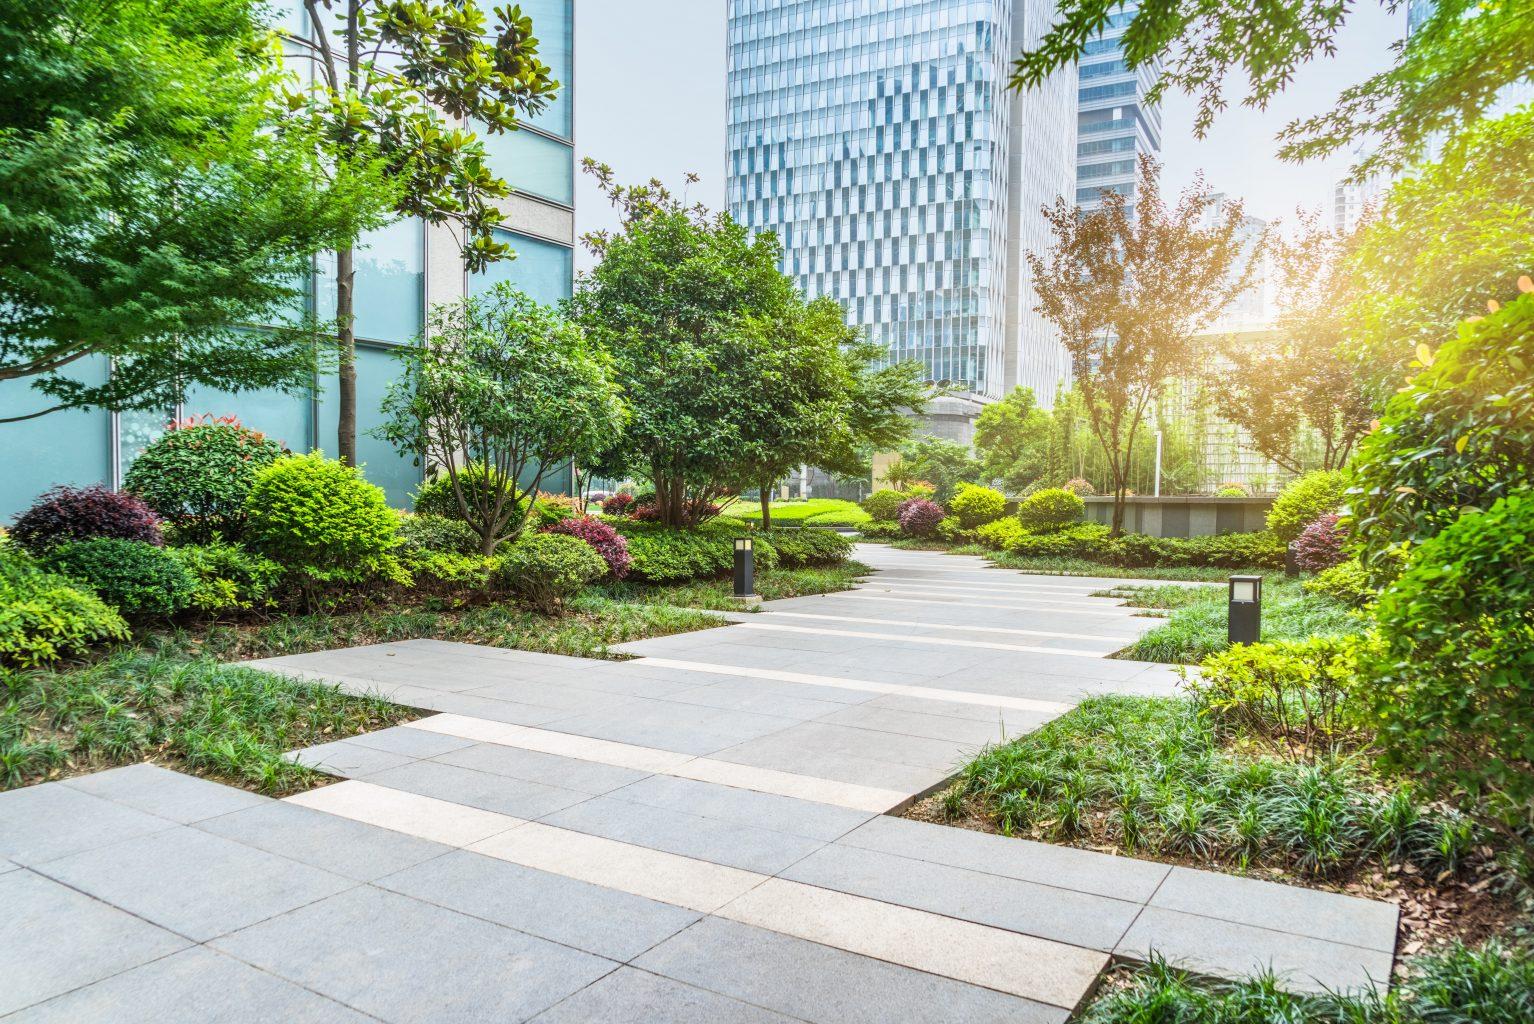 Commercial Landscape Design | Eos Outdoor Services